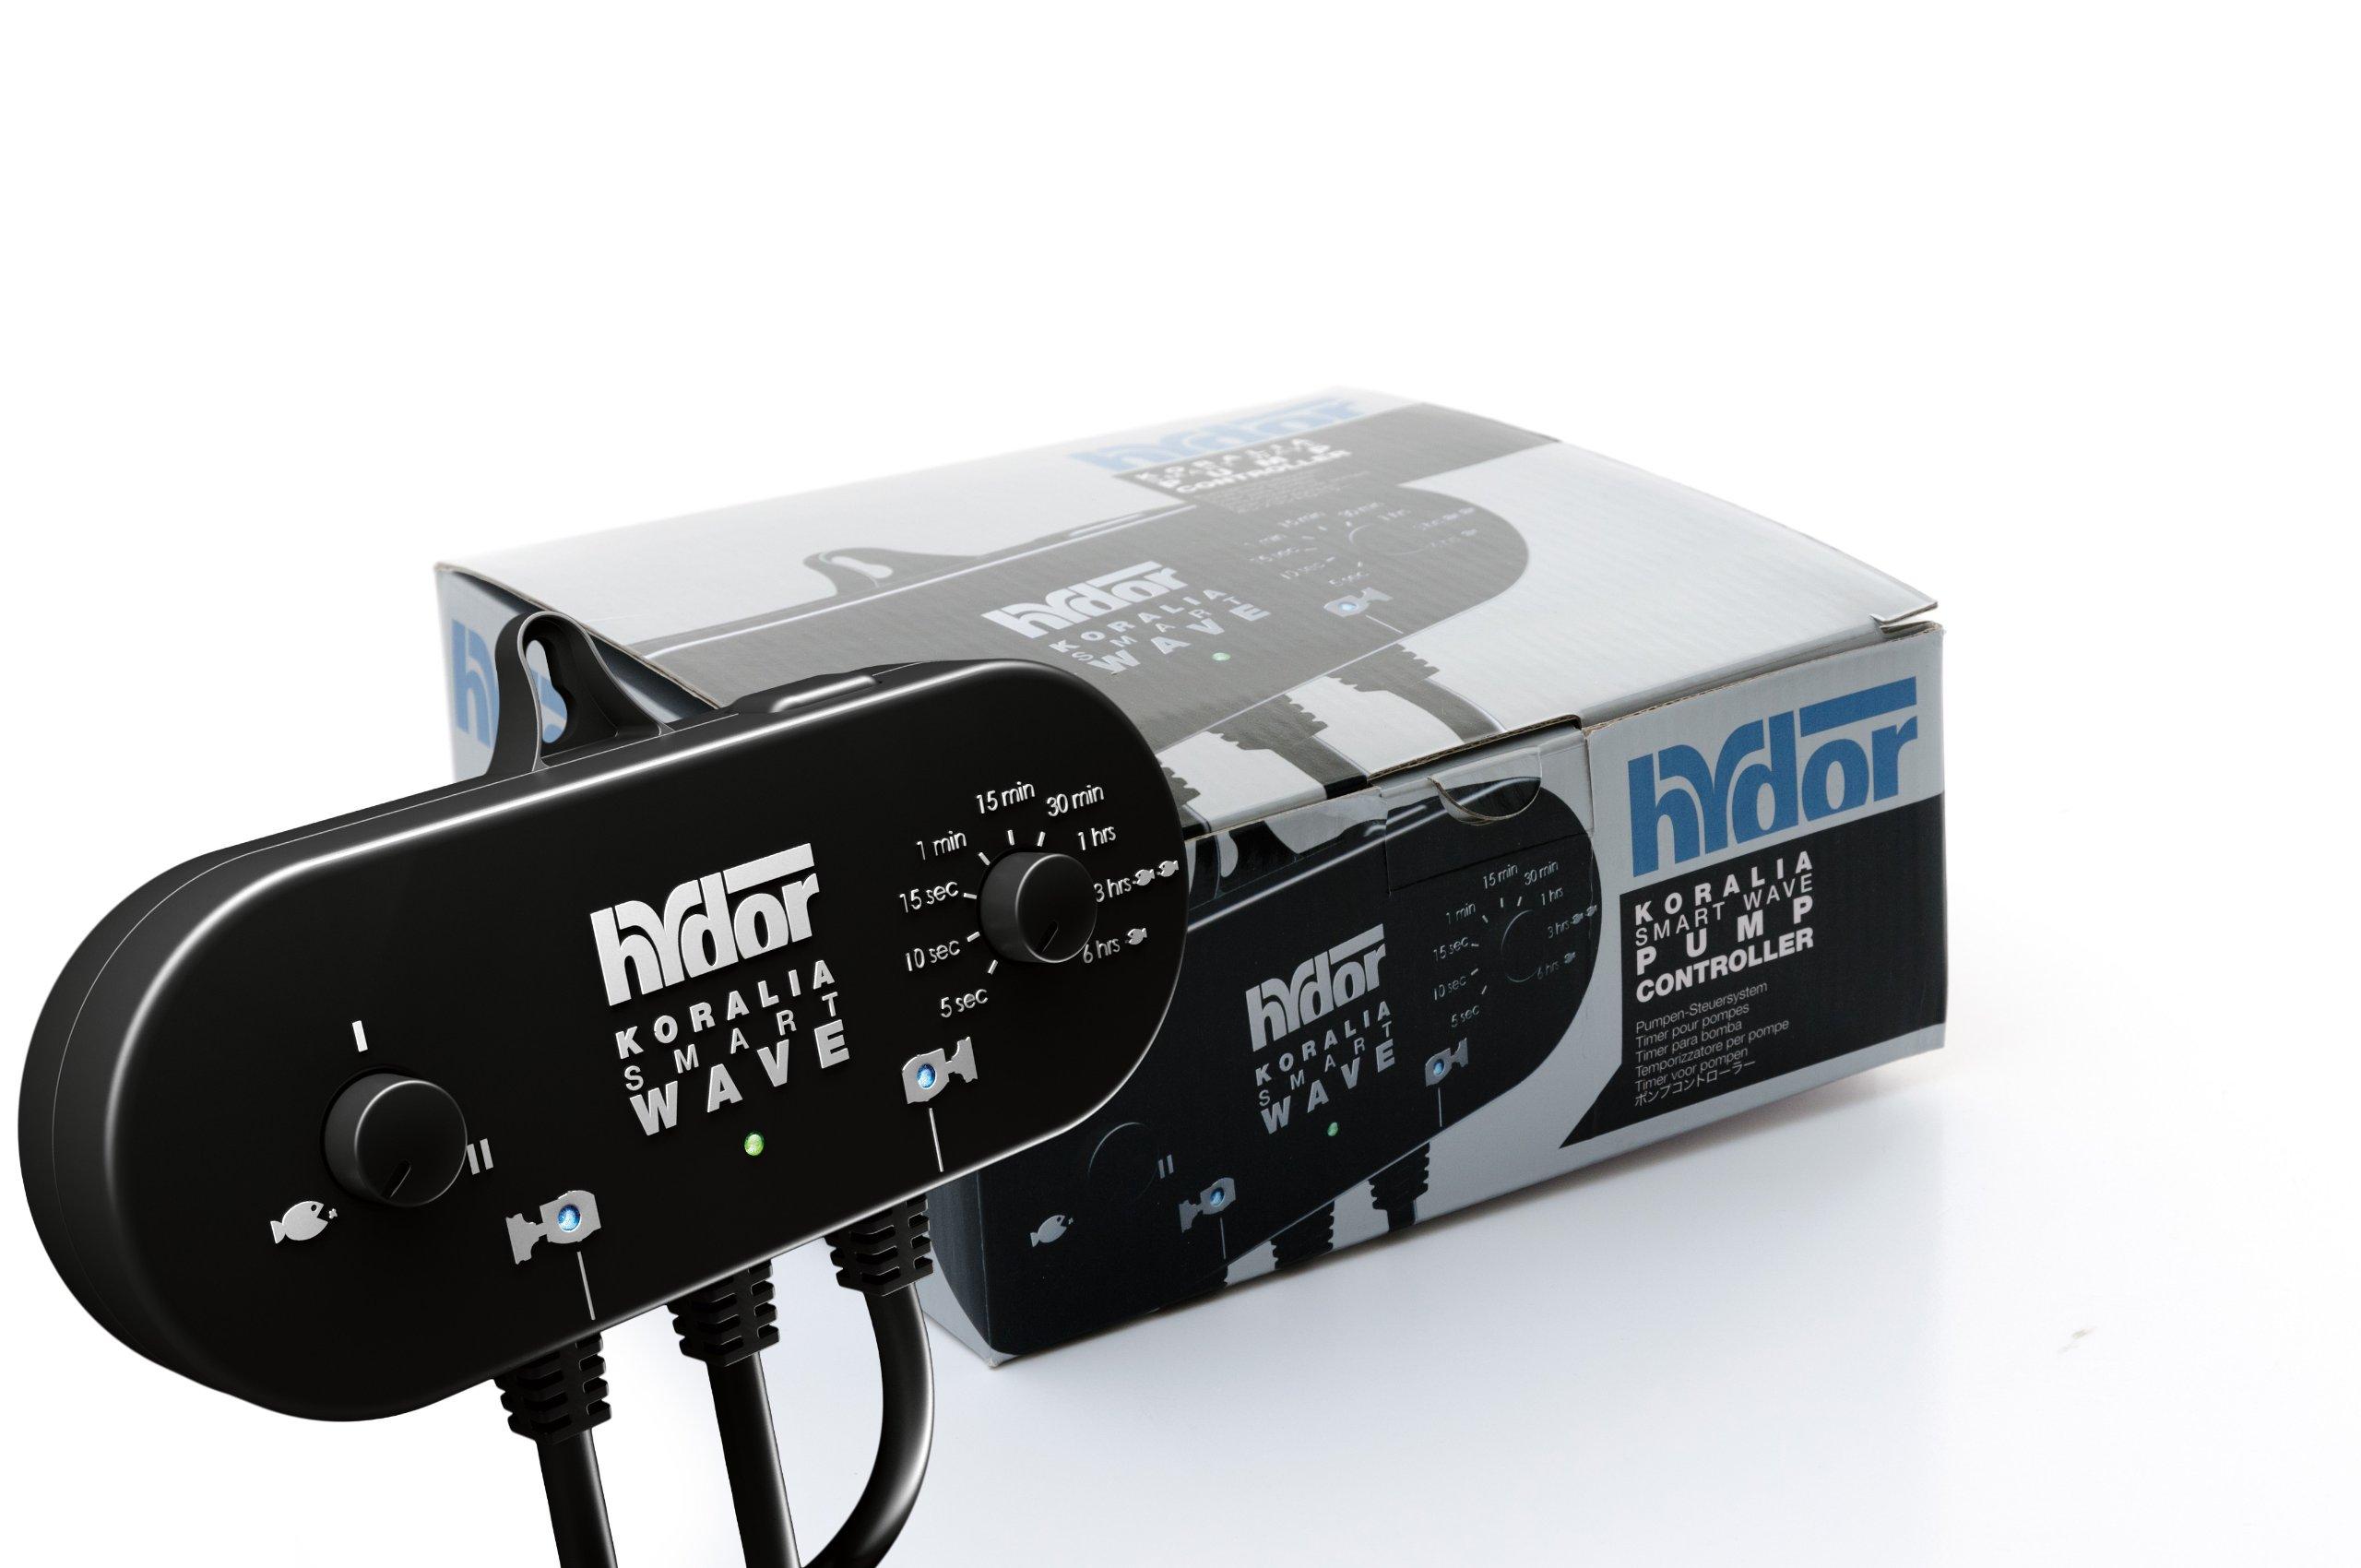 Hydor Smart Wave Circulation Pump Controller by Hydor